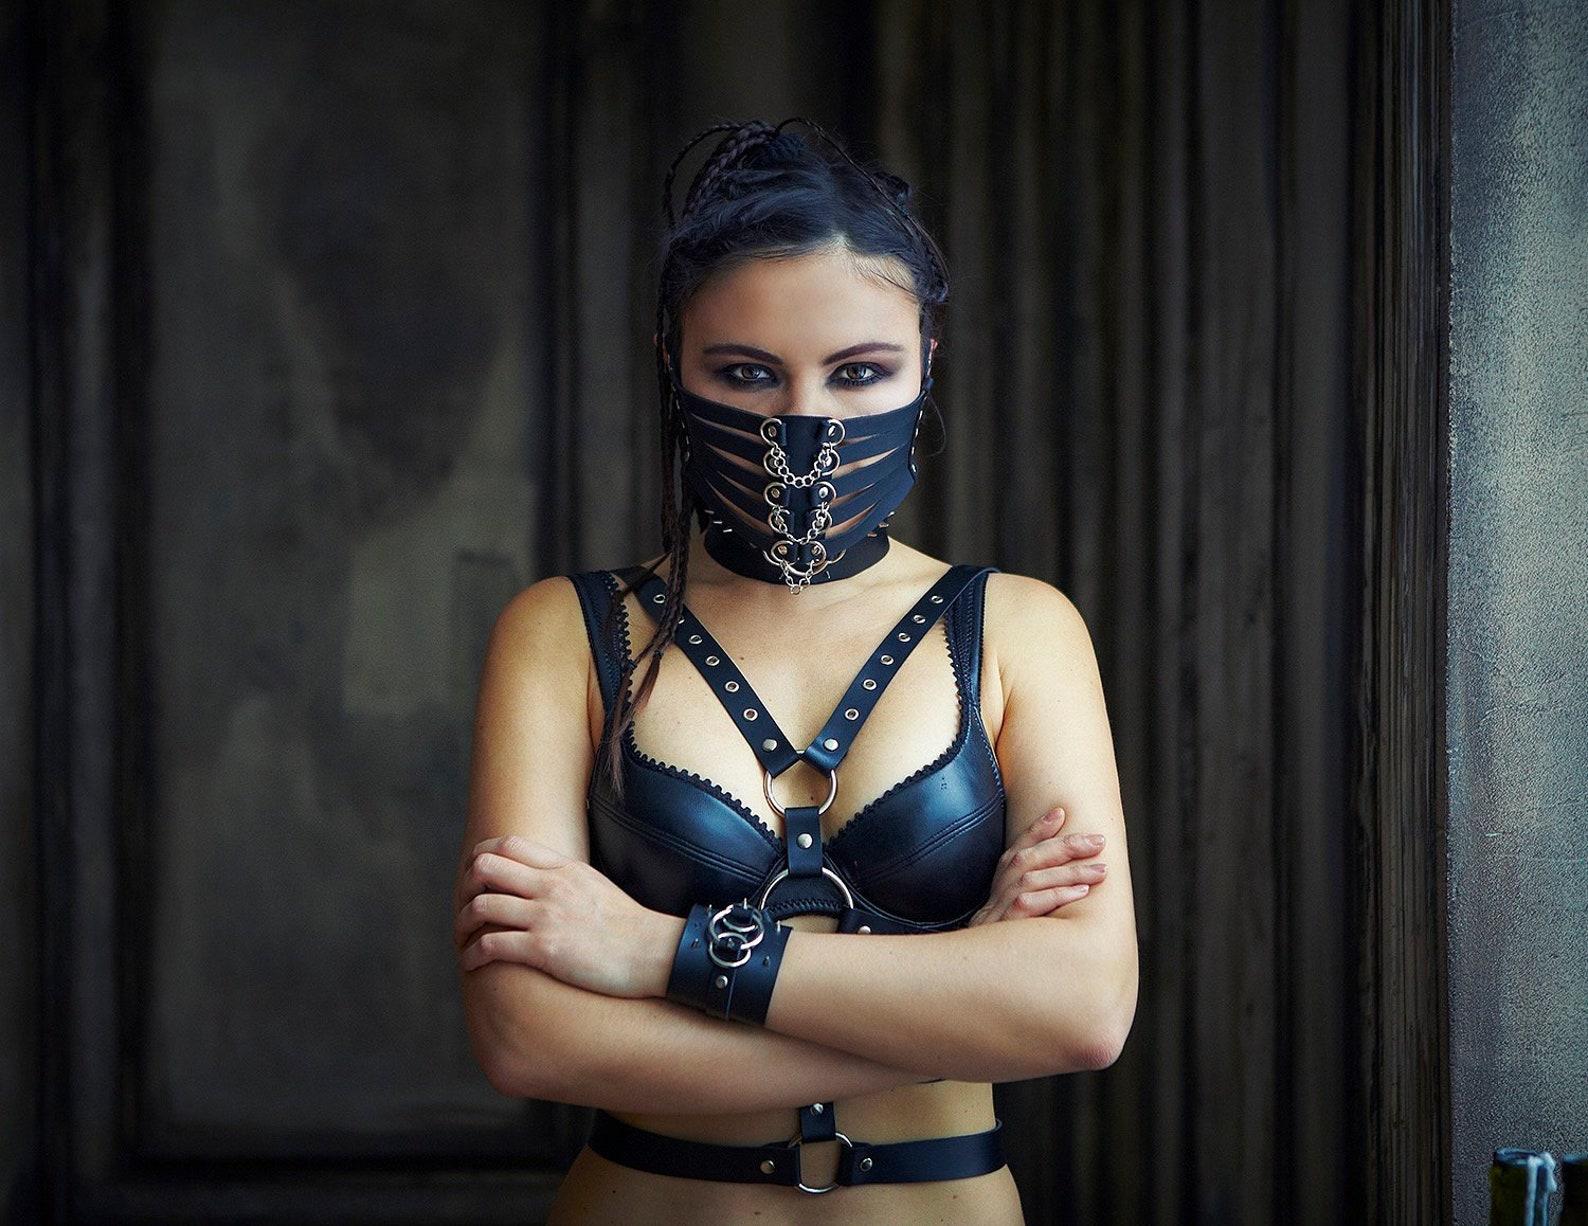 Lamia satanica